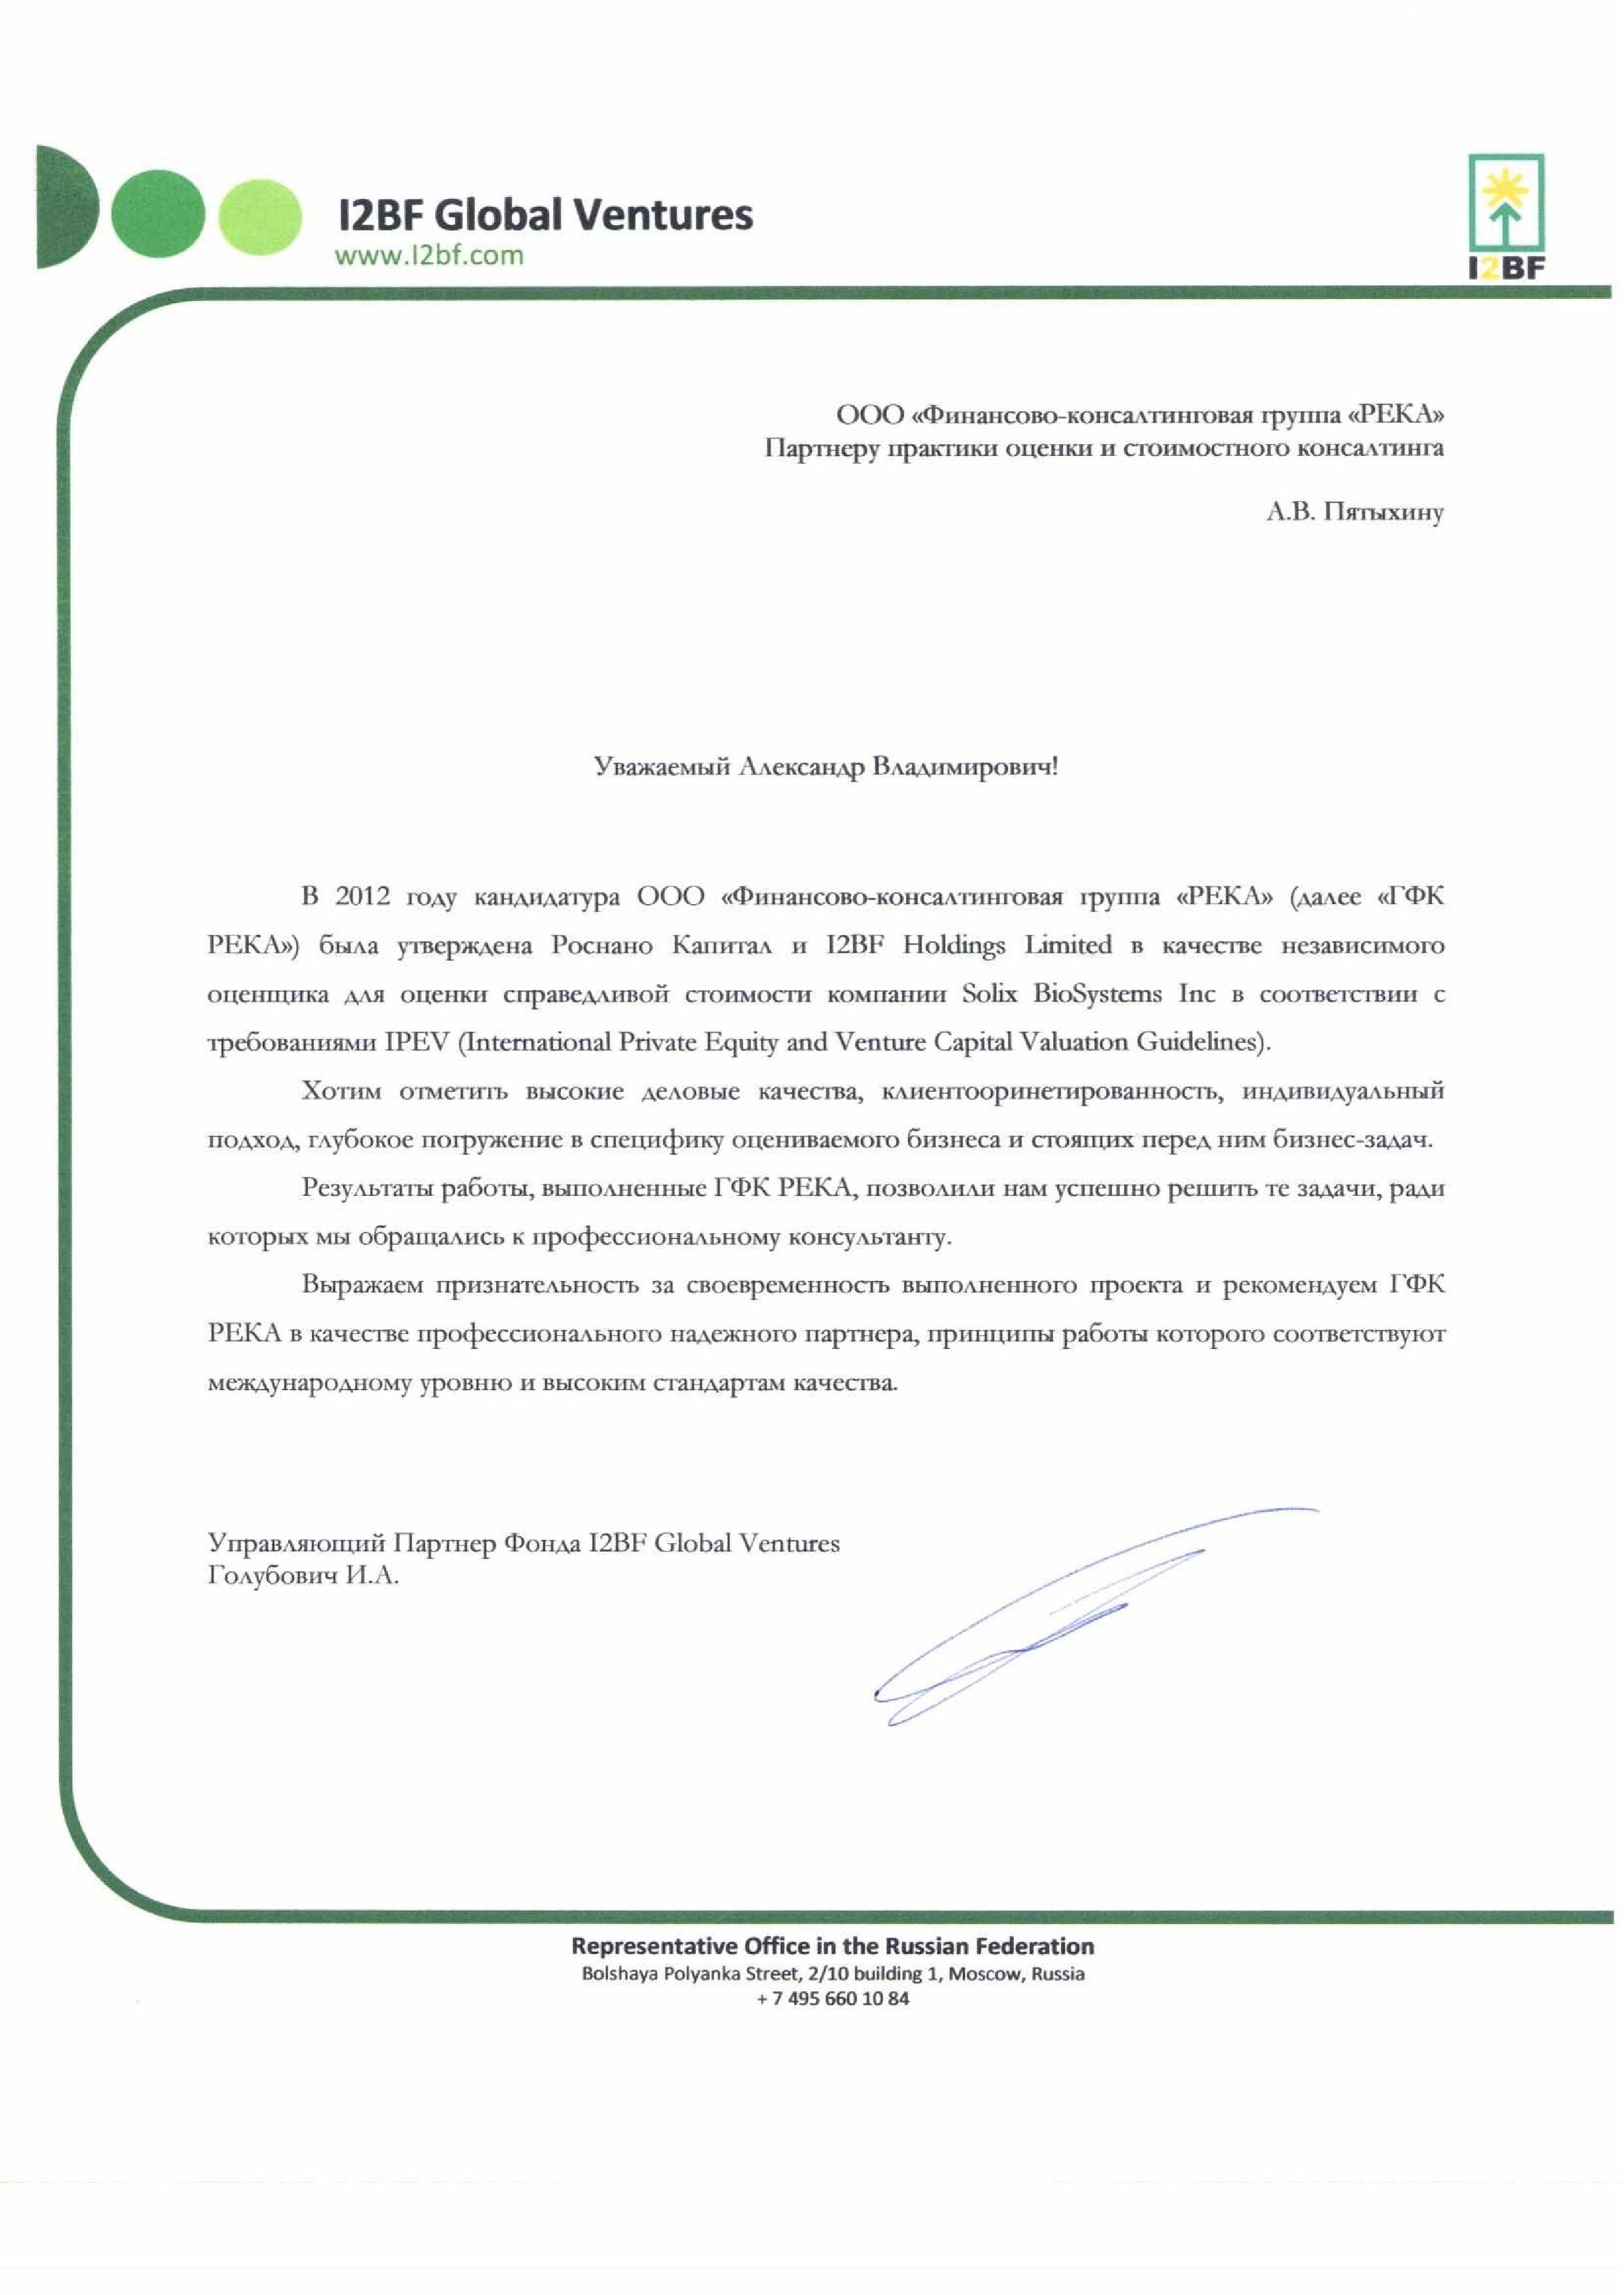 Инструкция внутренний учет сделок diasoft